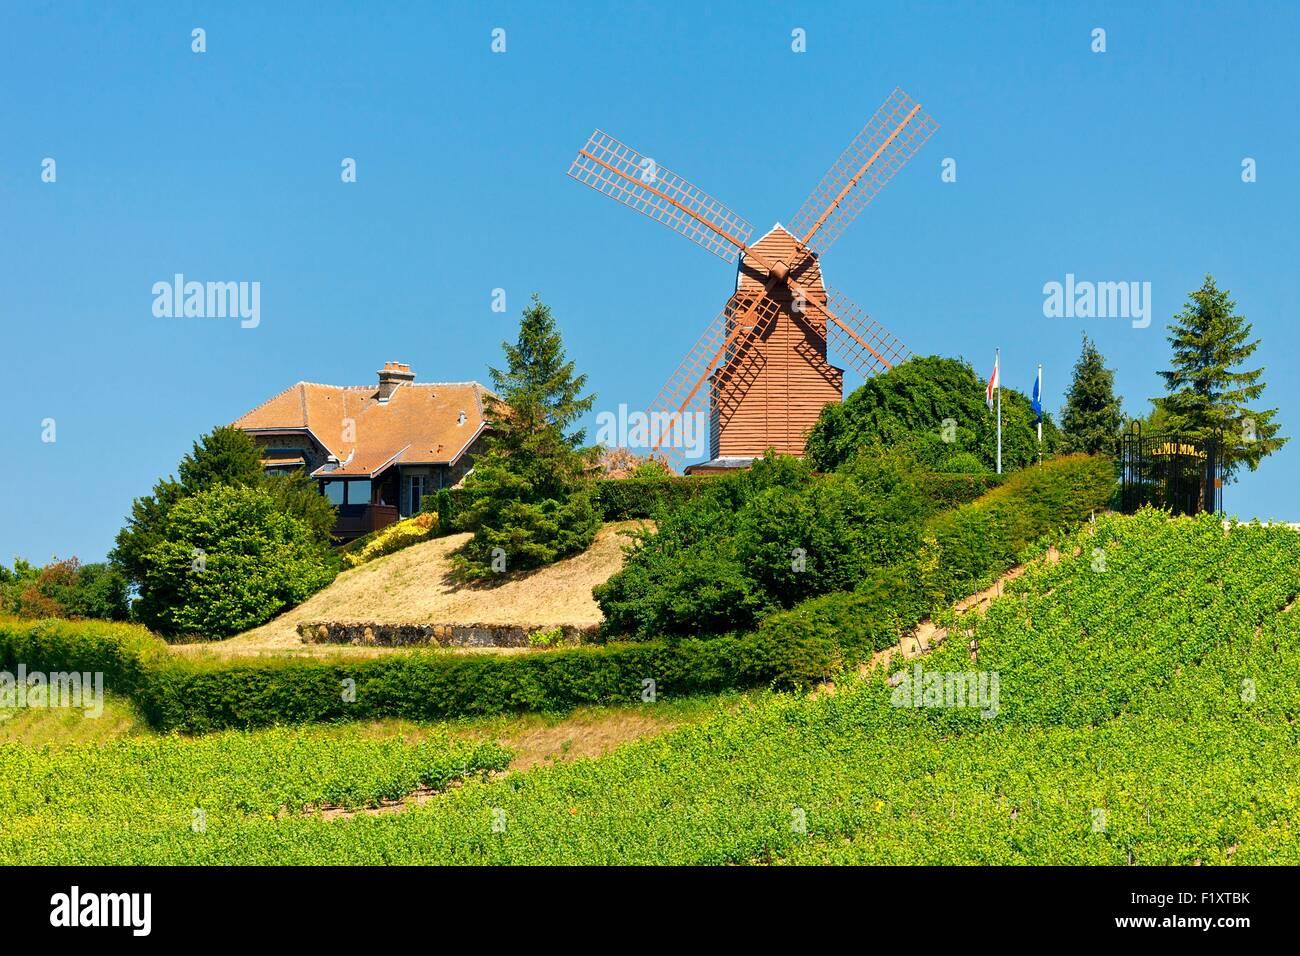 Francia, Marne, parco regionale delle Montagne de Reims, il mulino a vento di Verzenay Immagini Stock